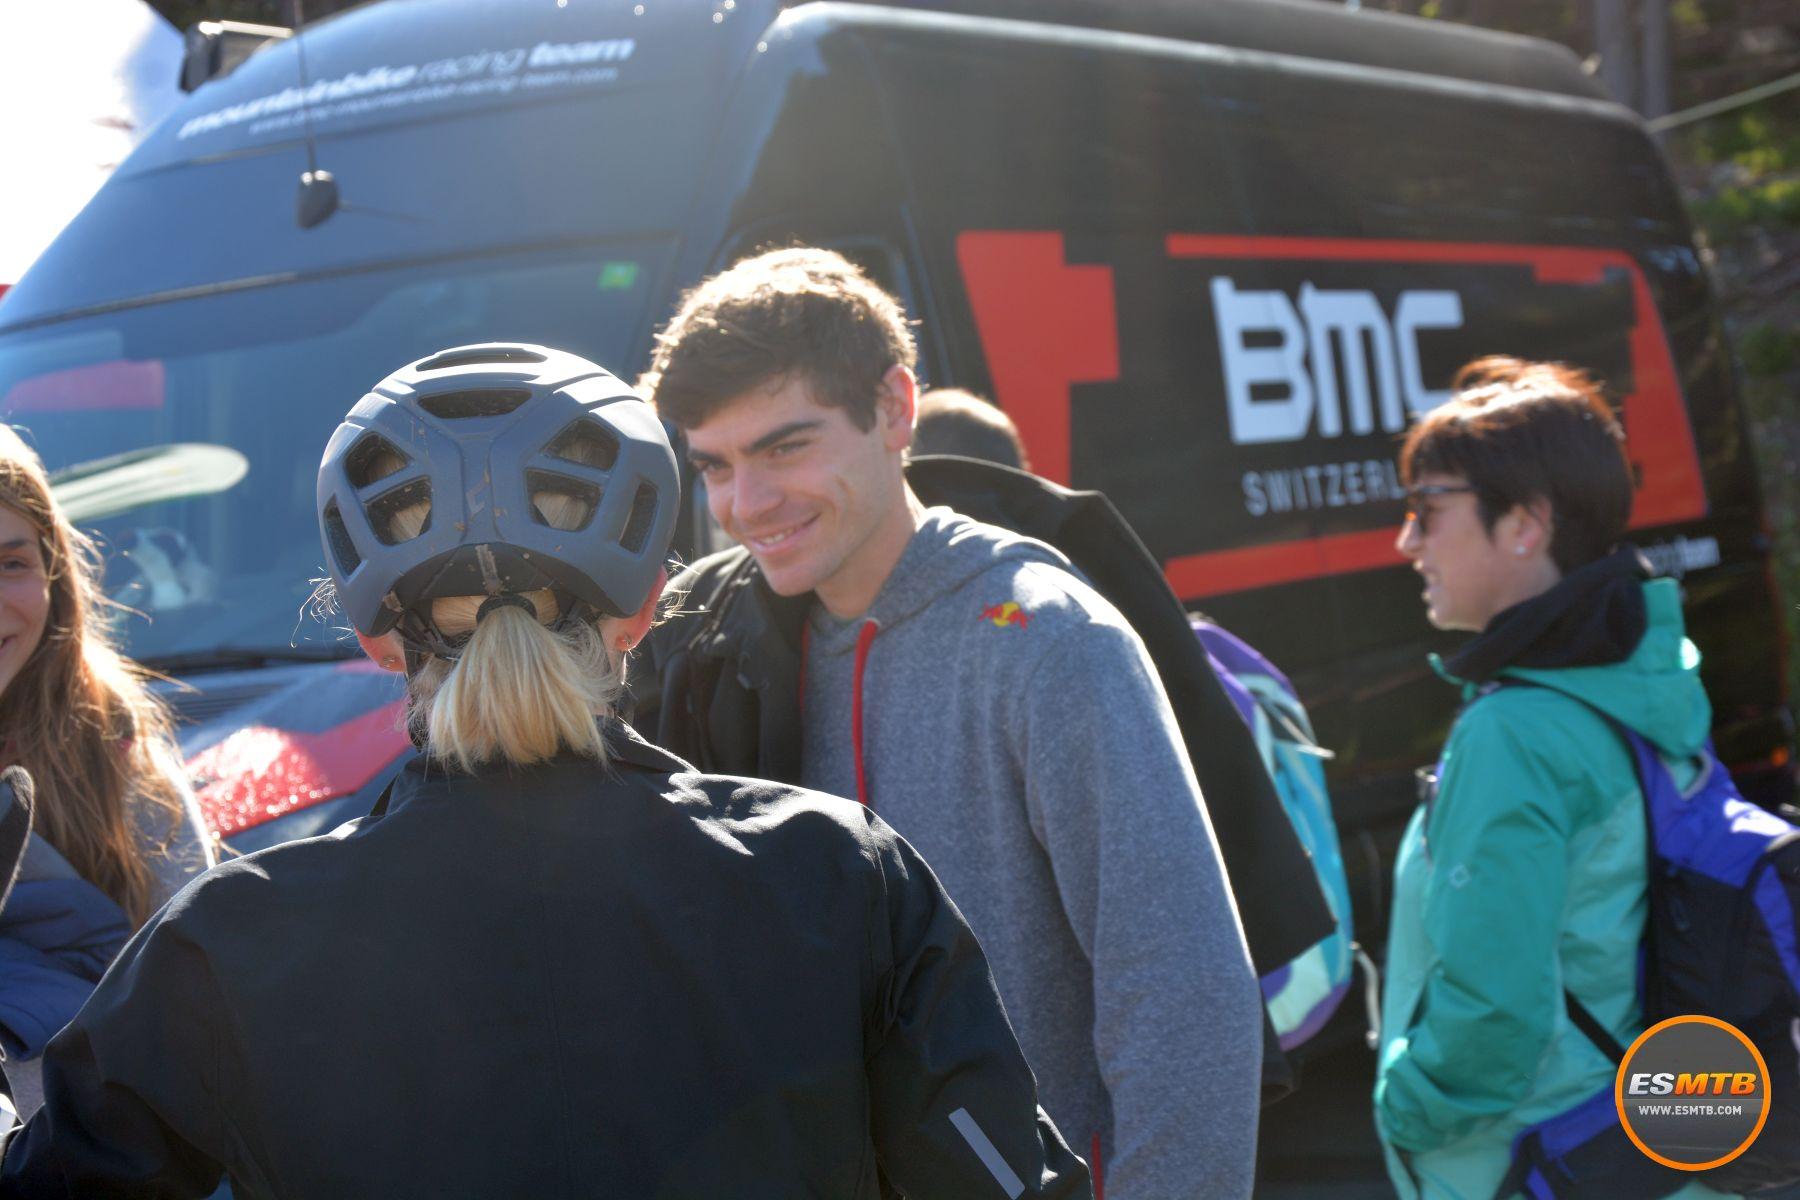 El chico de la foto es el francés Loic Bruni, el ex-campeón del mundo de DH (en Vallnord precisamente). ¿Y la chica que está de espaldas? Su actual pareja, la corredora sub-23 de Ghost Malene Degn, ex-pareja del también sub-23 de Specialized Simon Andreasen. Un poco de salsa rosa del MTB